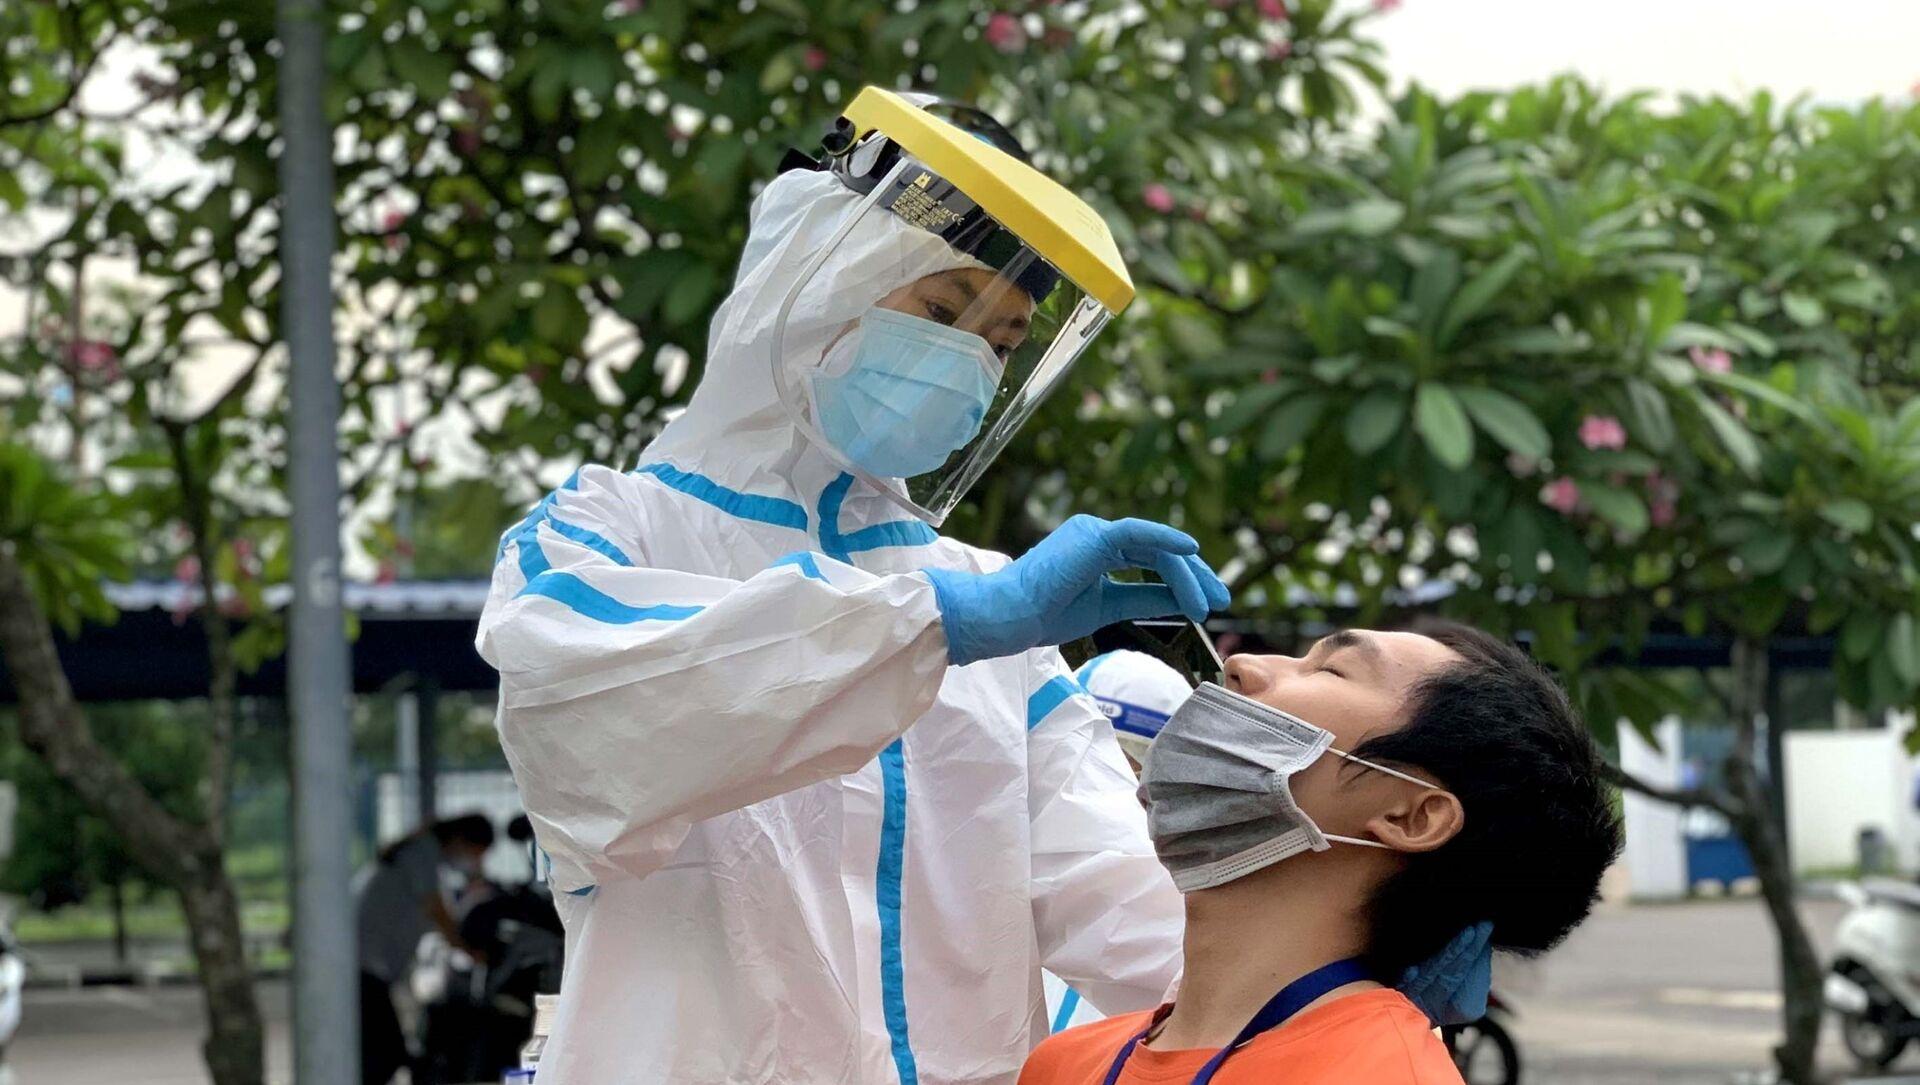 Các y bác sỹ Trung tâm kiểm soát bệnh tật Thành phố Hồ Chí Minh và Quận 7 lấy mẫu xét nghiệm sàng lọc COVID-19 ngẫu nhiên cho công nhân Công ty TNHH CCH TOP Việt Nam.  - Sputnik Việt Nam, 1920, 03.06.2021